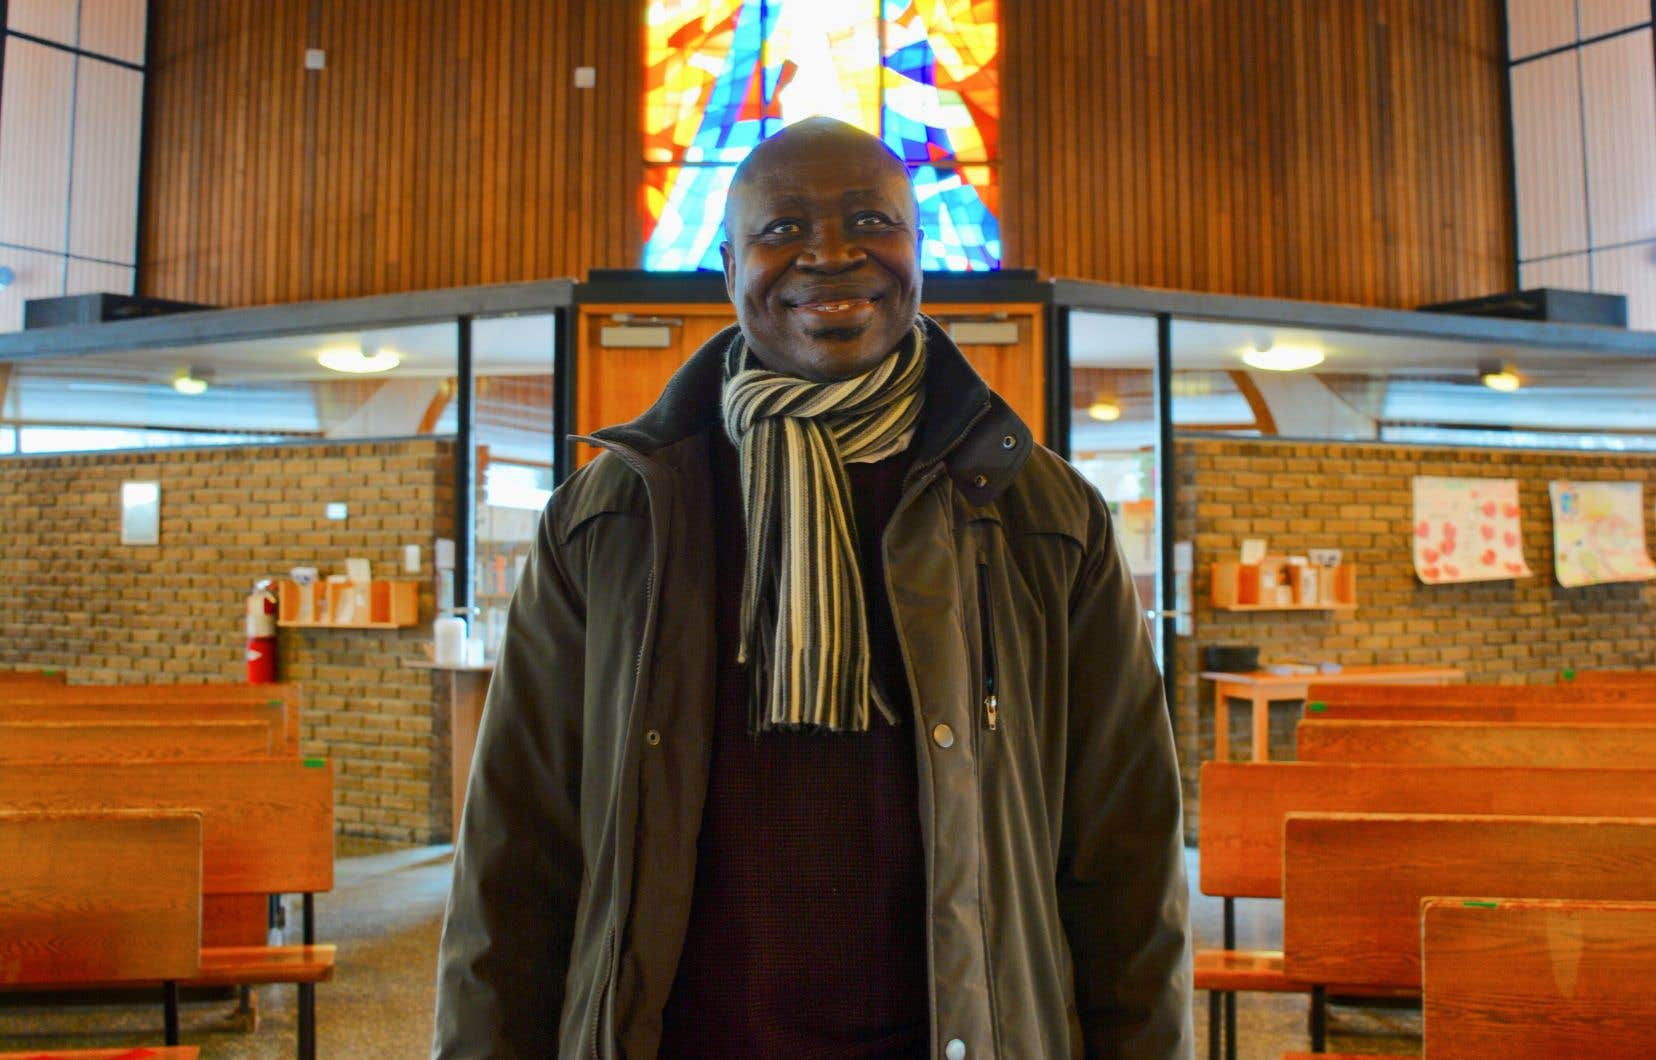 L'action religieuse de Rodhain Kasuba débute en 1999, dans les petits villages au nord de Gatineau. Depuis, il a vu l'Église d'ici changer, tout comme la couleur des prêtres. «Quand je suis arrivé, on était 2 prêtres africains. Maintenant, on est au moins 14.»